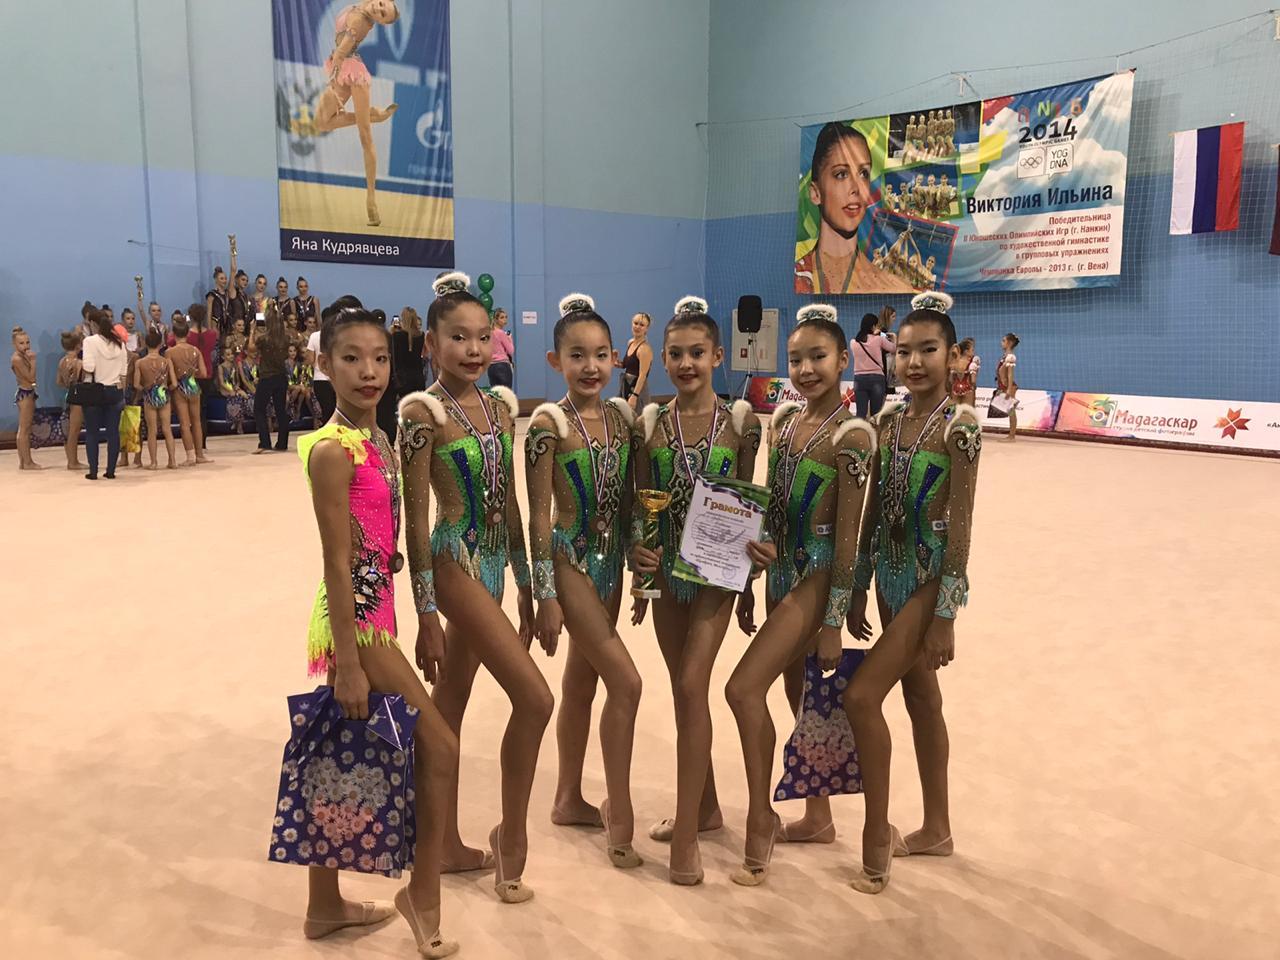 Сборная Якутии по художественной гимнастике завоевала серебро на соревнованиях в Саранске